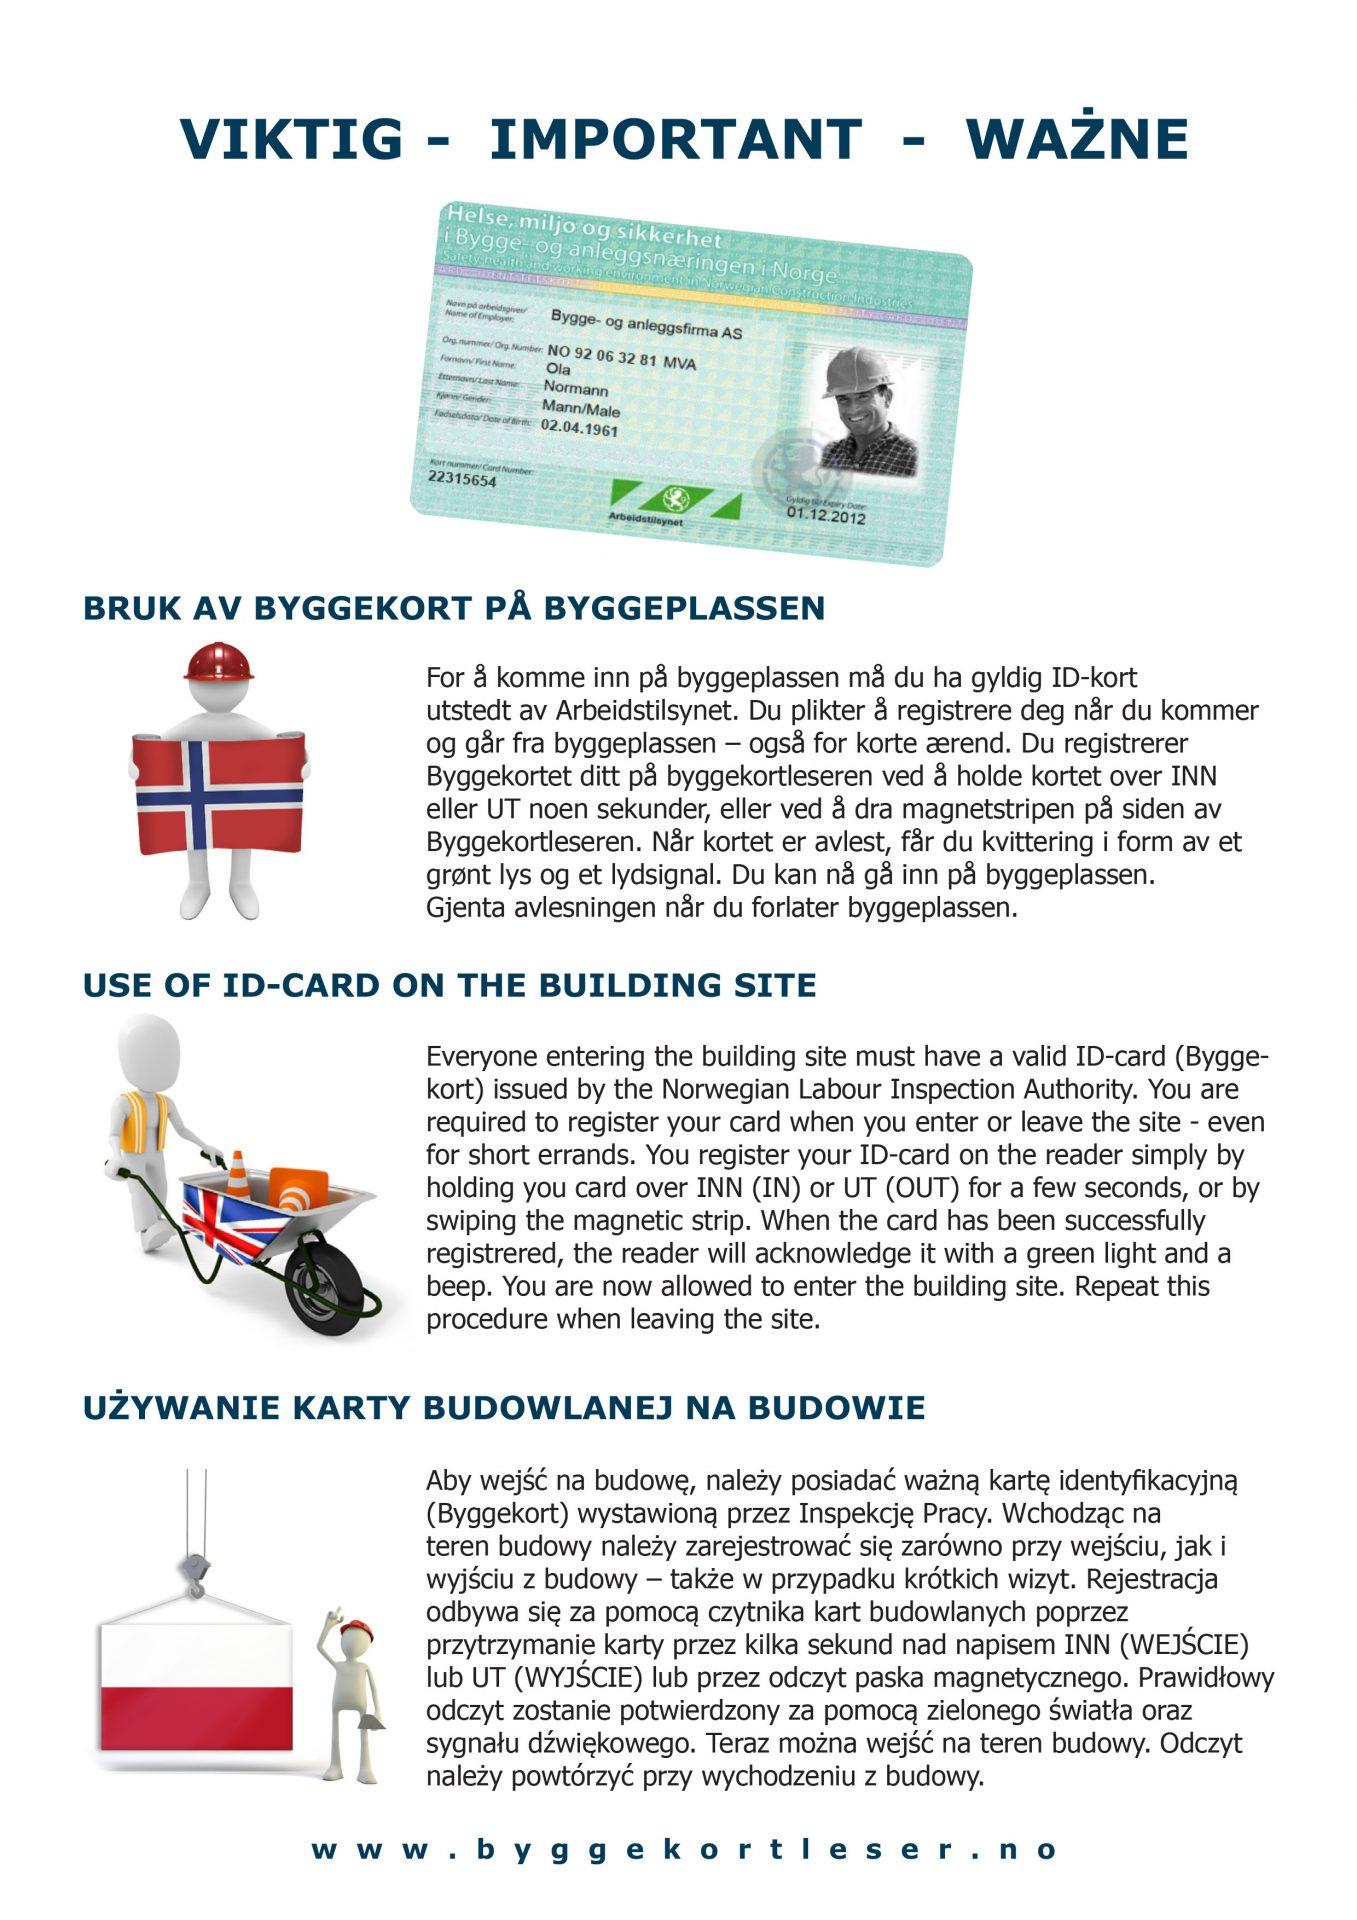 Bruk av byggekort på byggeplassen